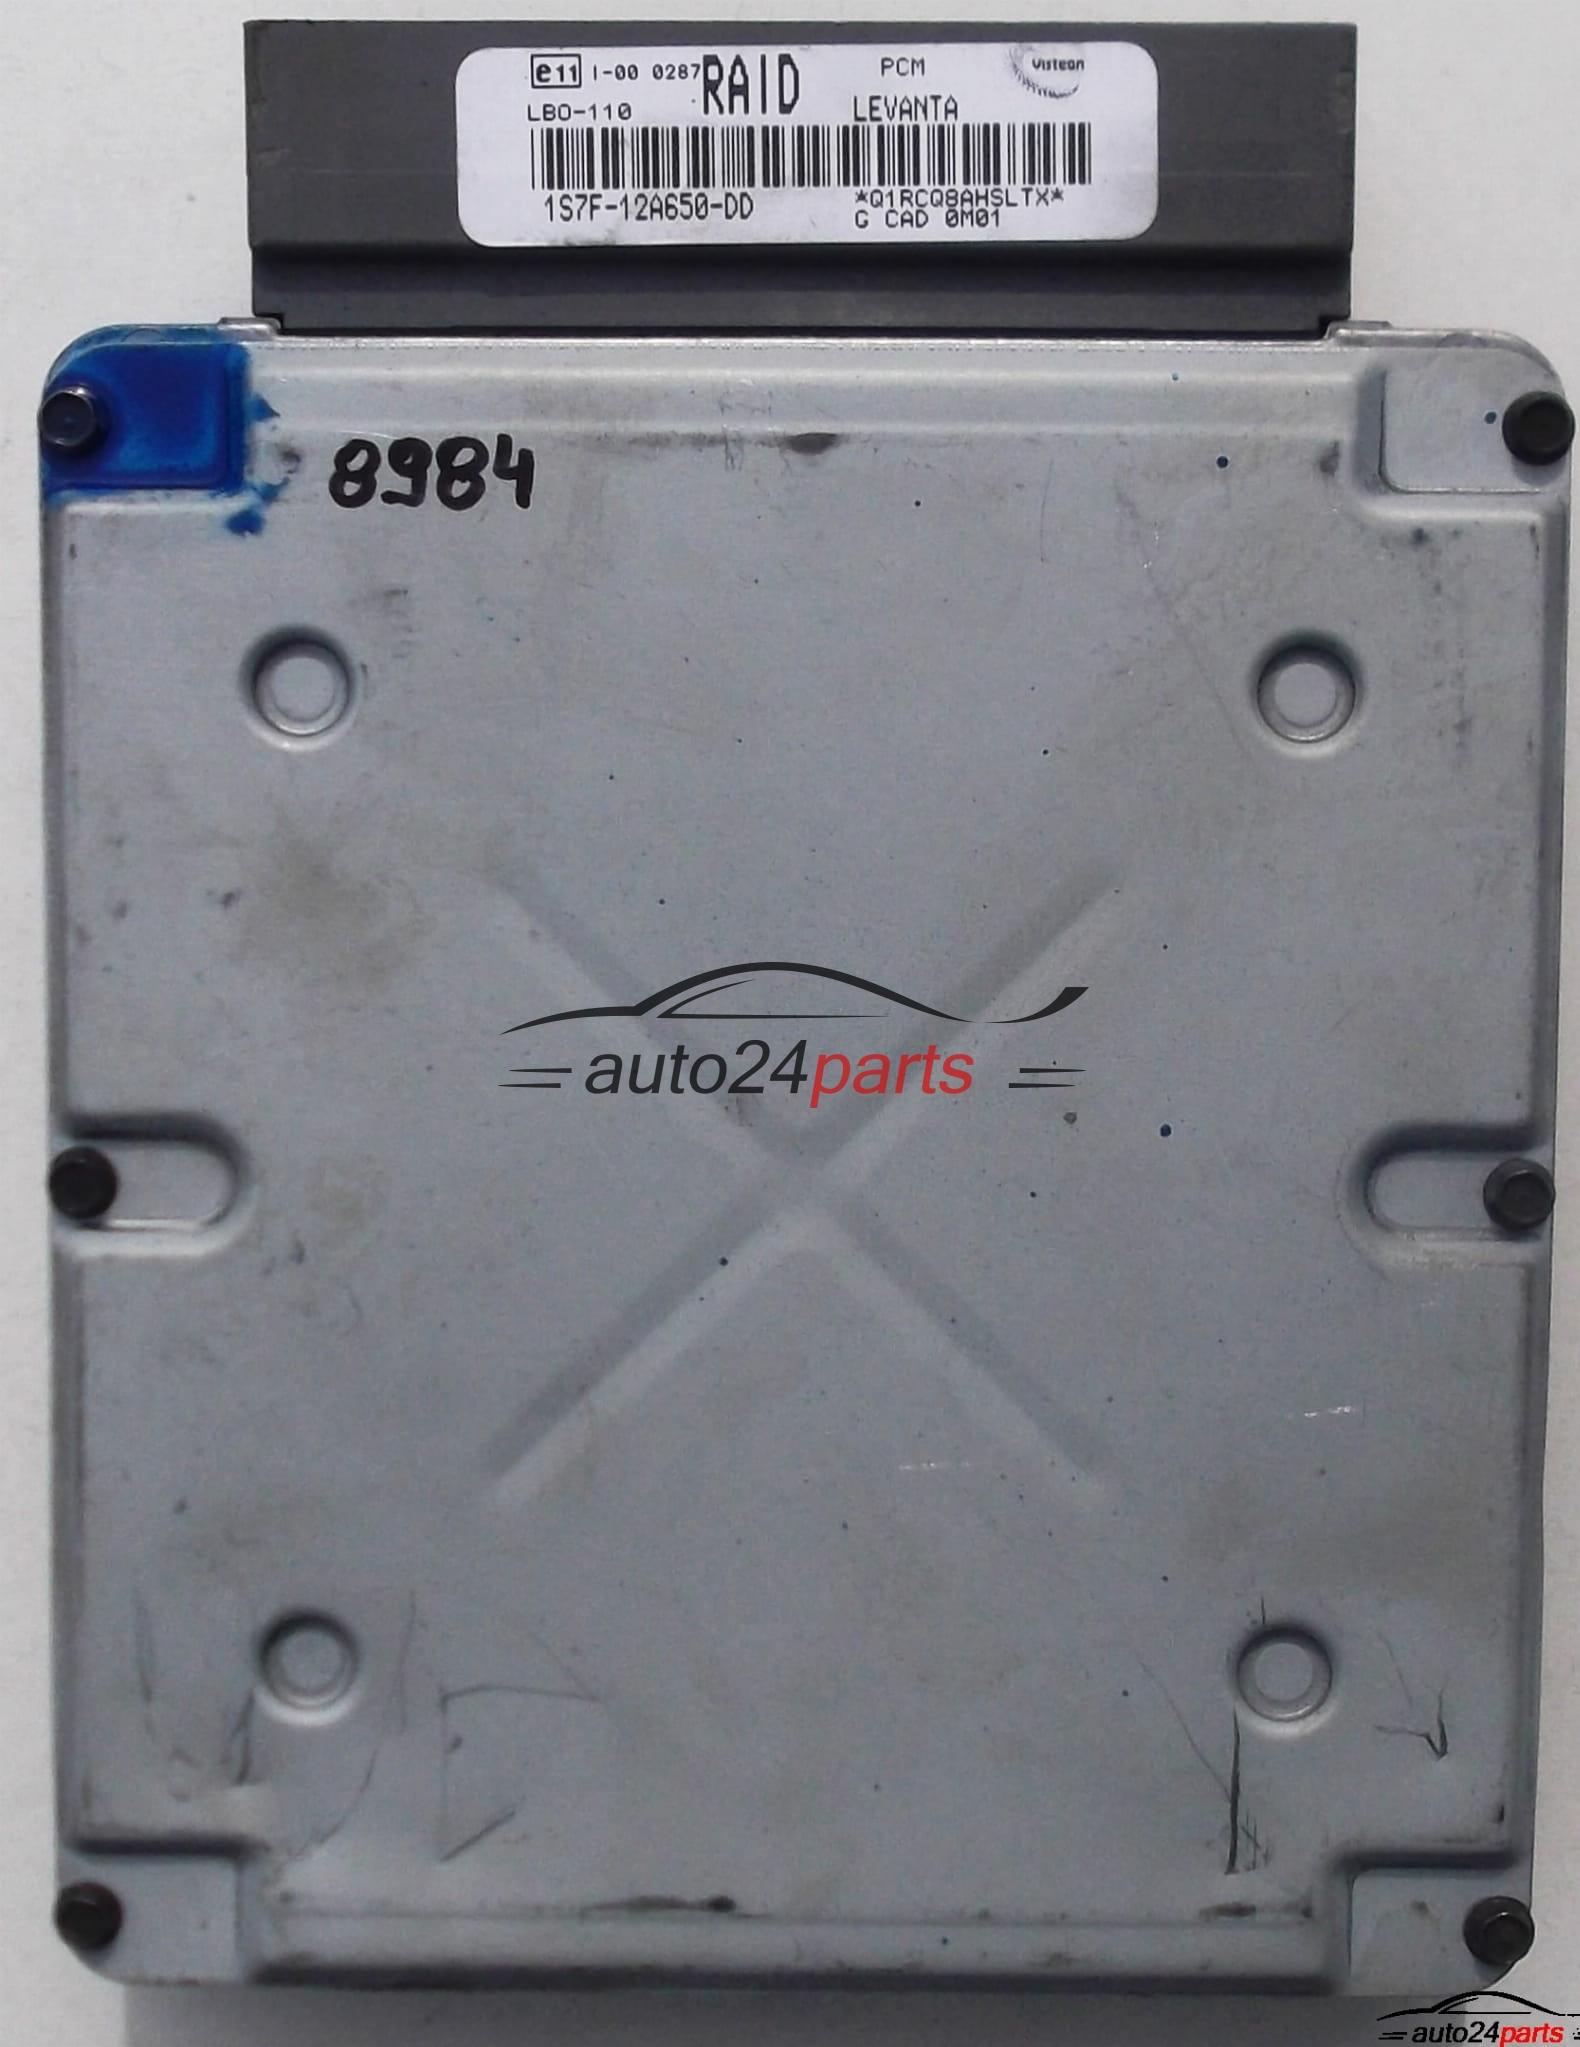 ECU ENGINE CONTROLLER FORD MONDEO MK3 2 0TDCI, 1S7F-12A650-DD,  1S7F12A650DD, RAID - 8984